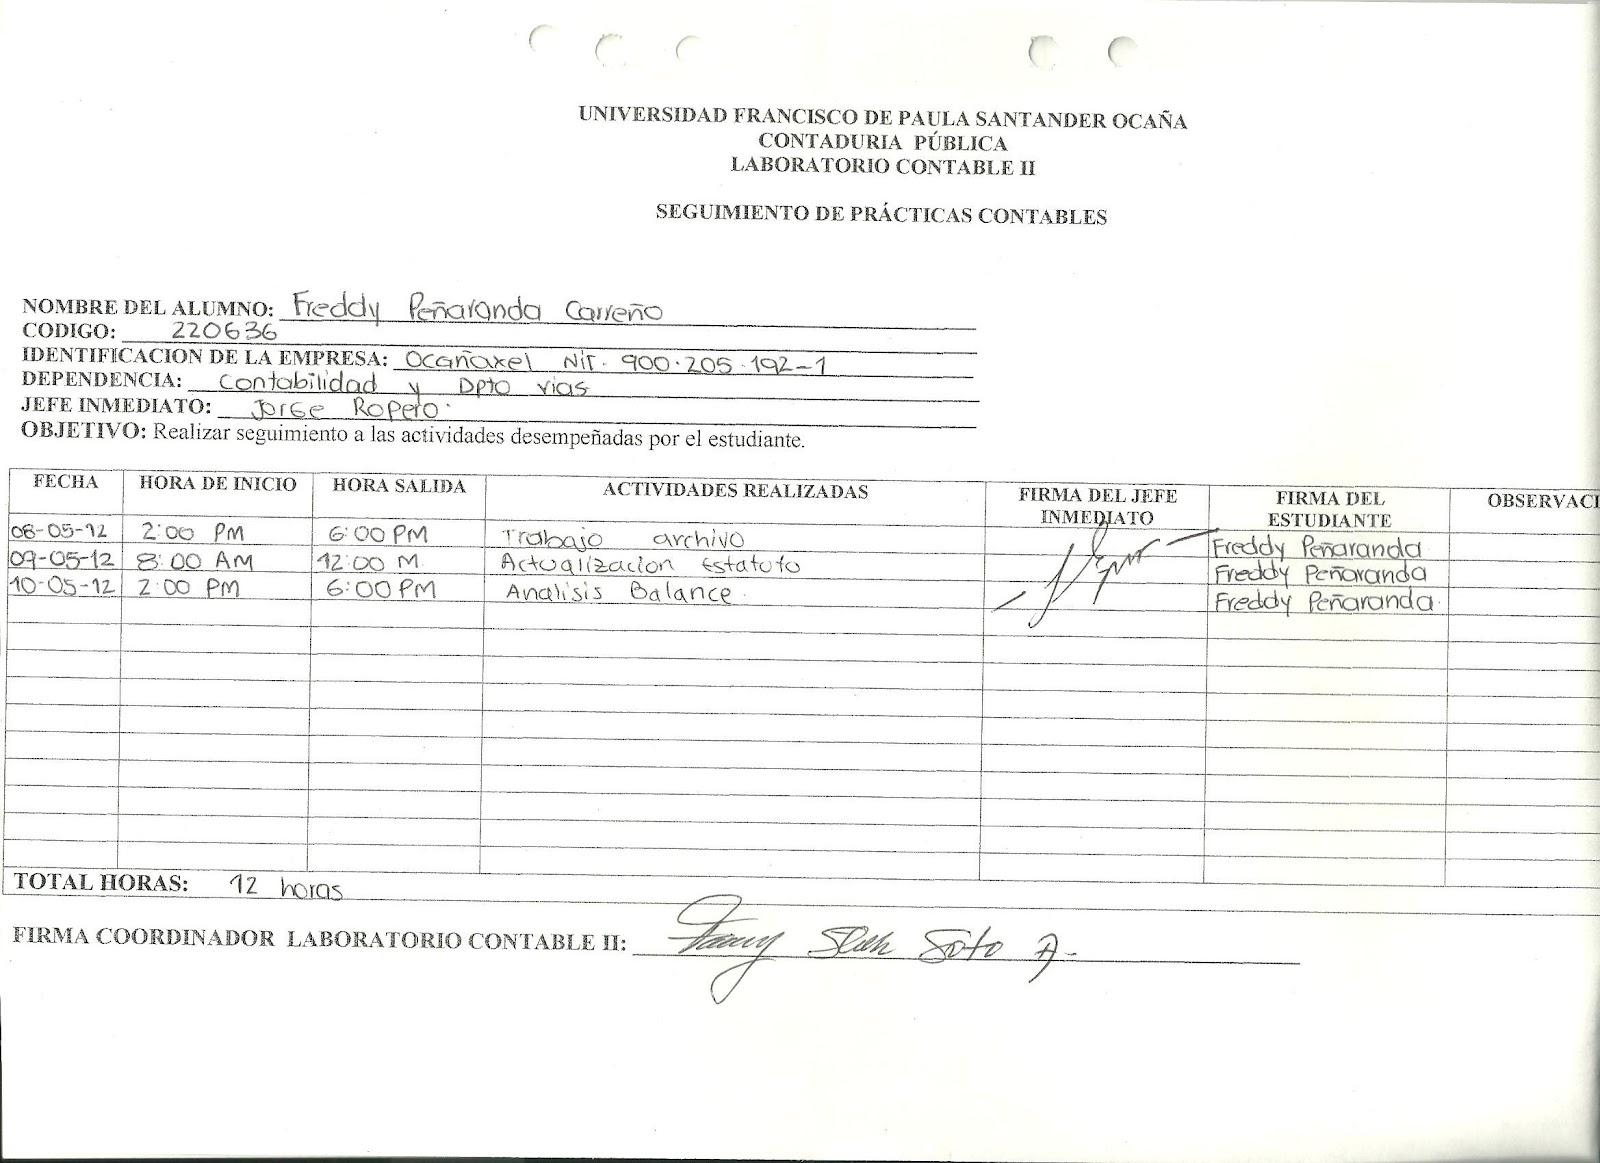 EXPERIENCIAS DE LABORATORIO CONTABLE II: agosto 2012